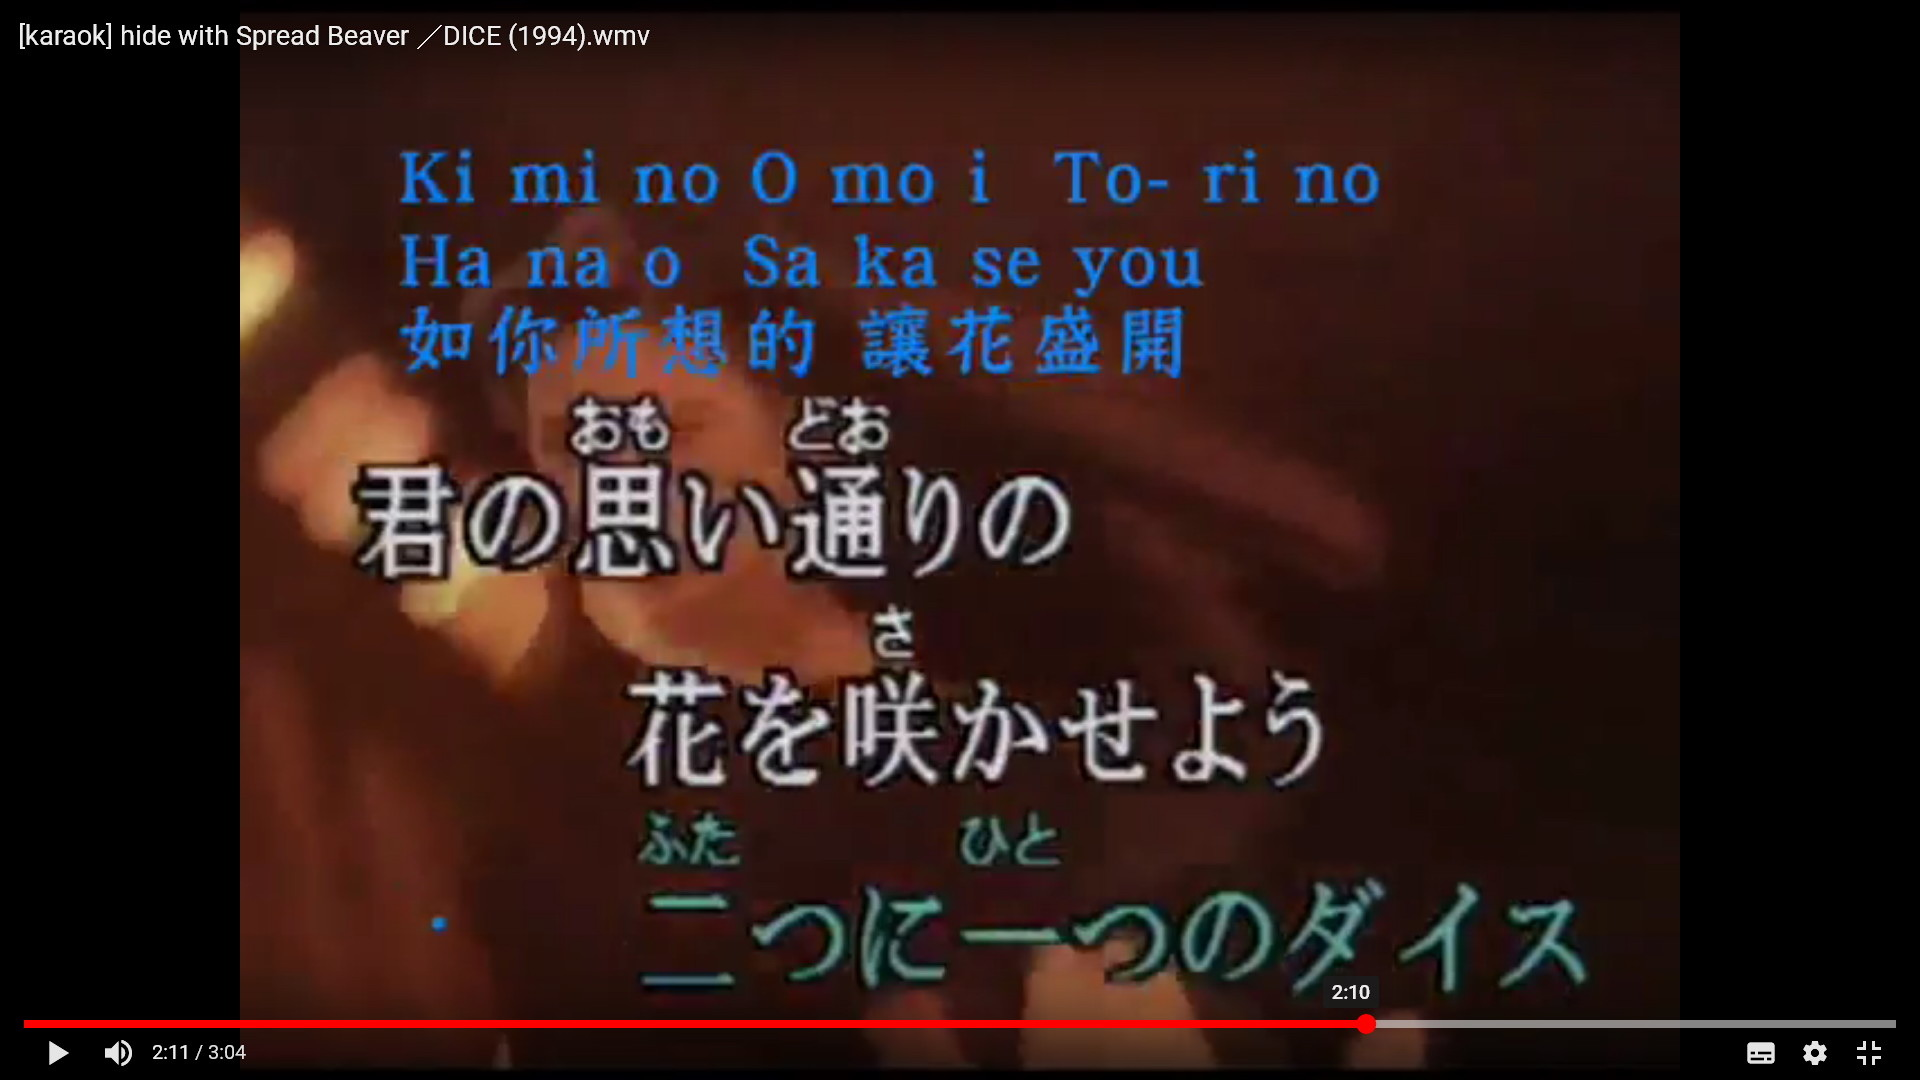 [karaok] hide/DICE (1994)-04.jpg